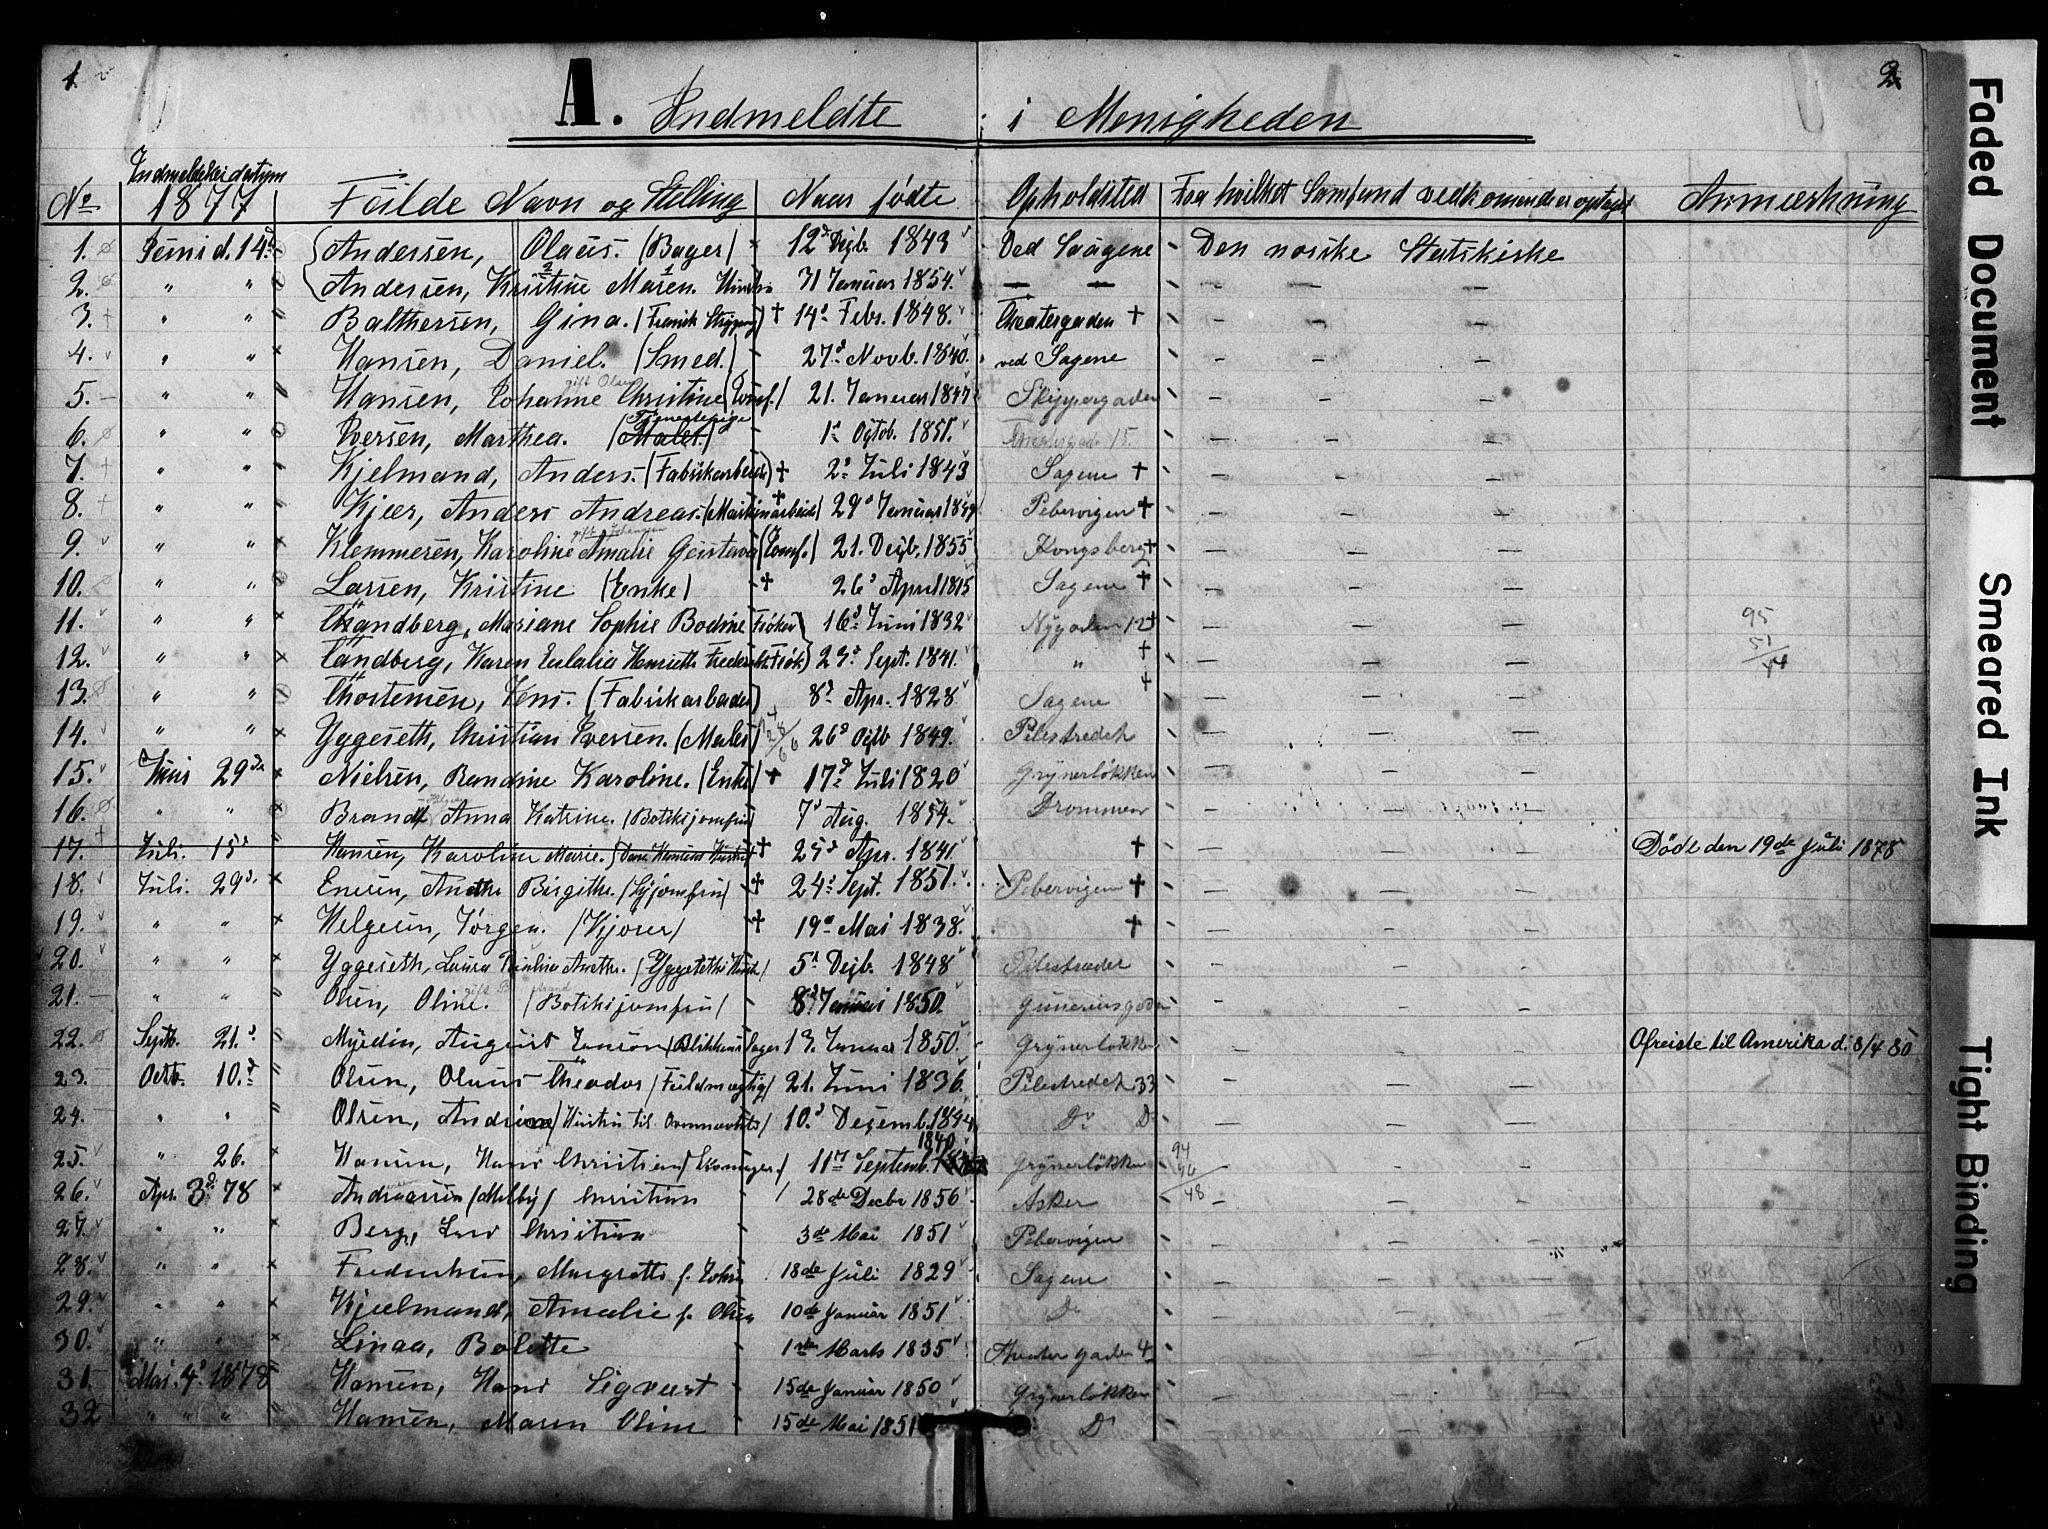 SAO, Den katolsk apostoliske menighet i Oslo , F/Fa/L0001: Dissenter register no. 1, 1877-1891, p. 1-2